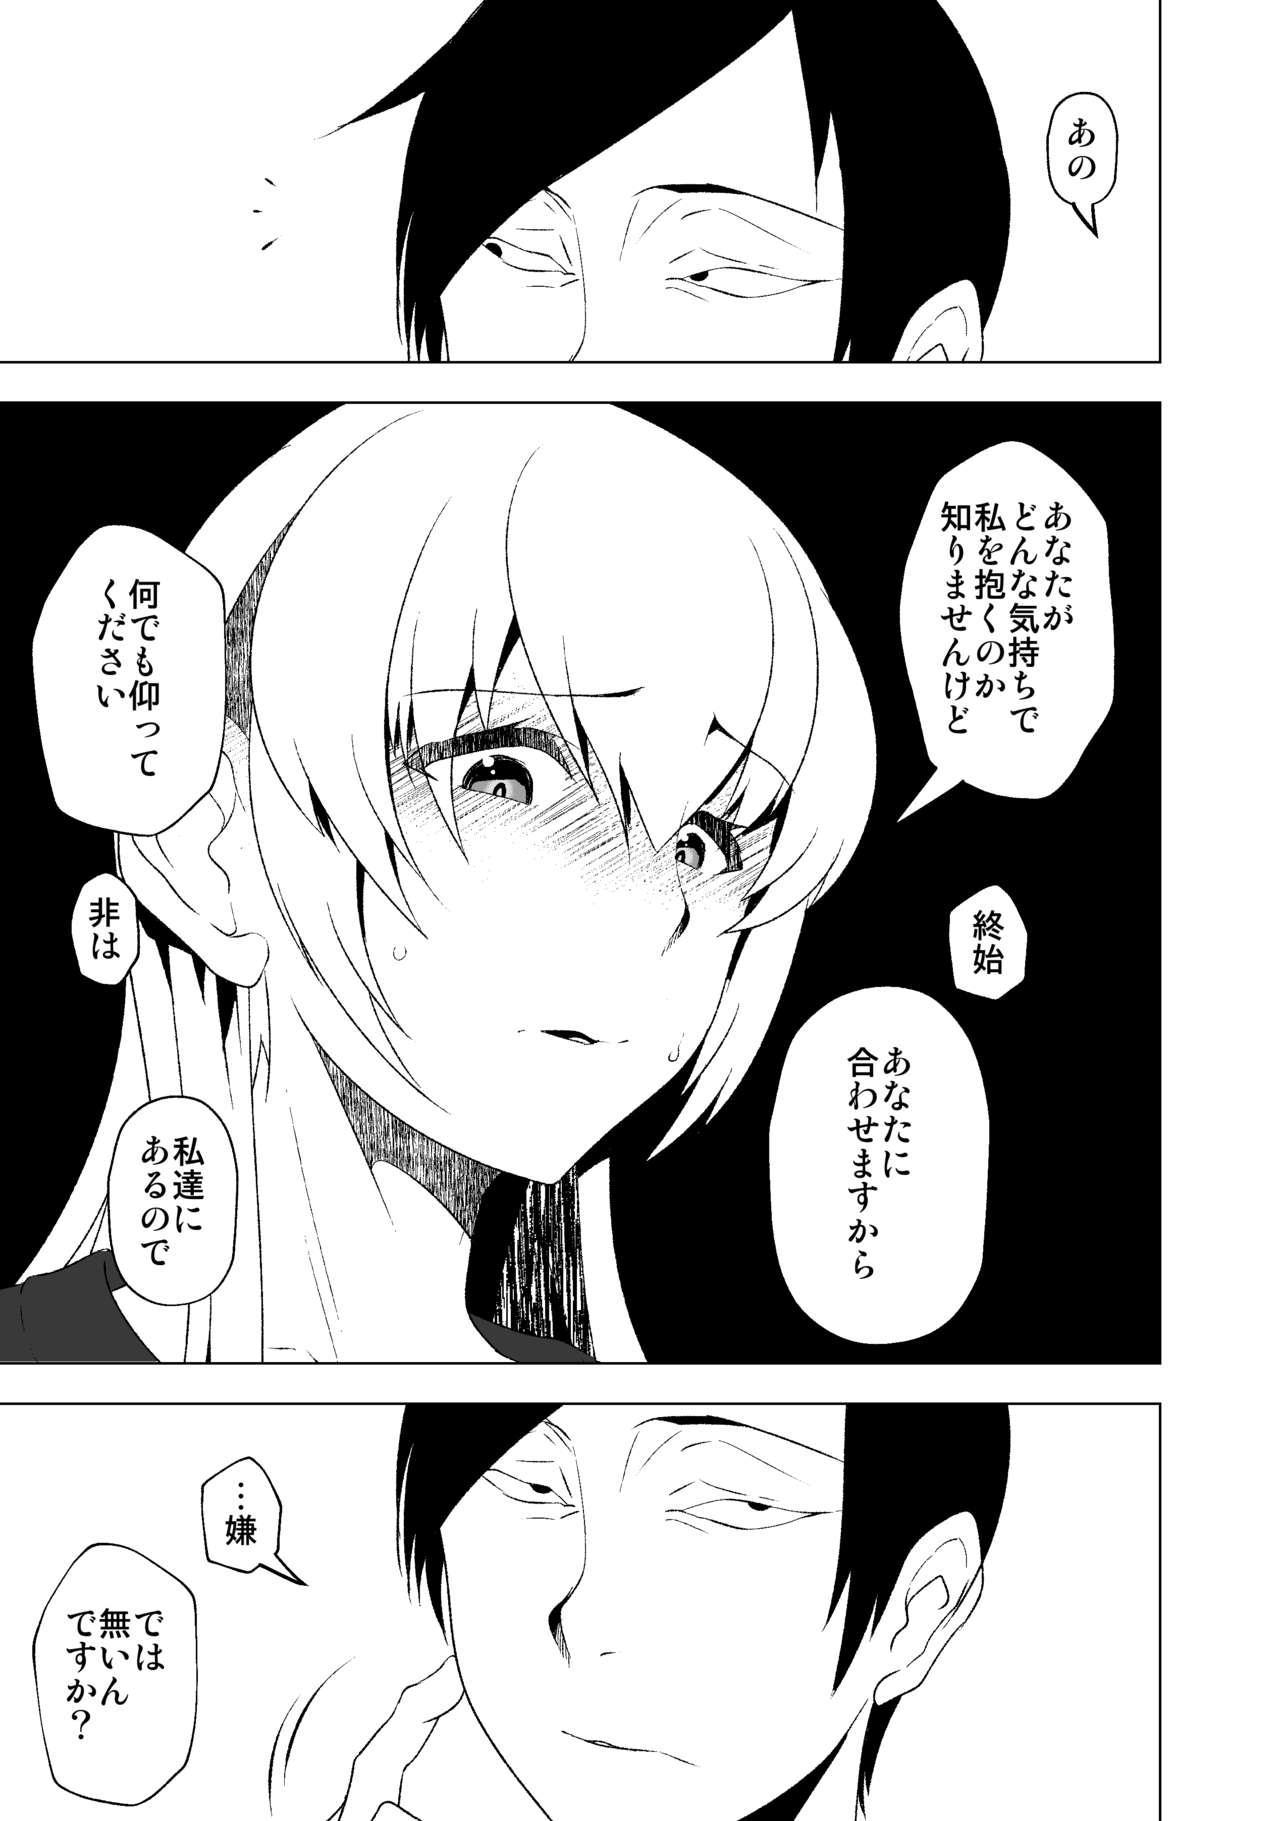 Hanayome no Koufuku 9